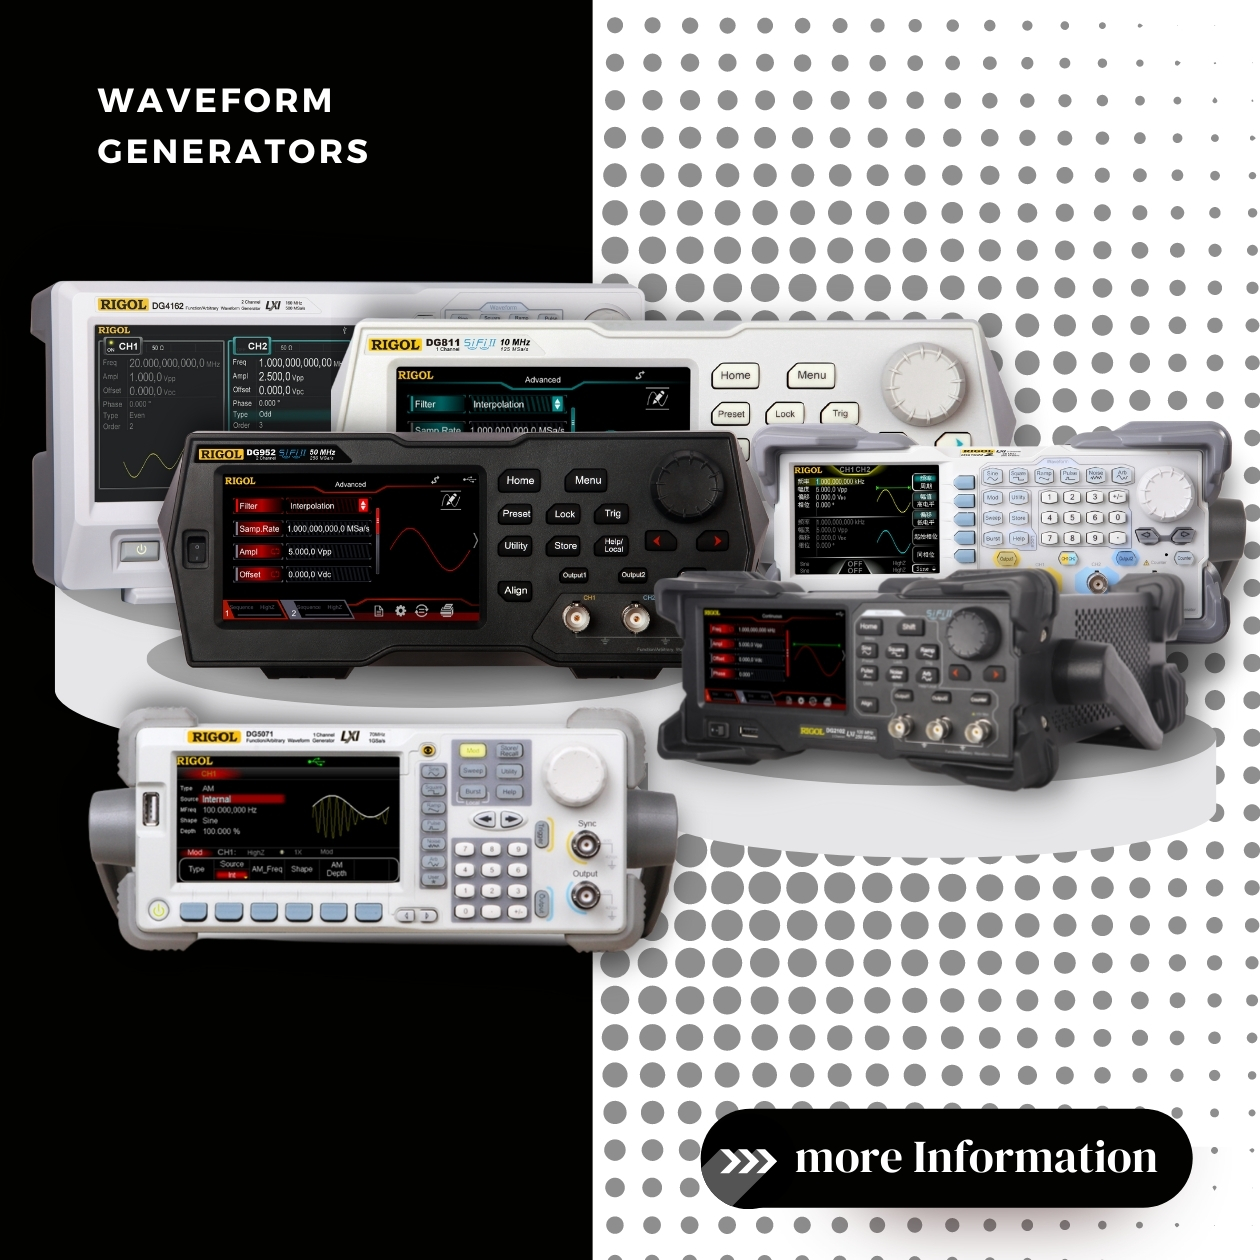 Waveform Generators (3)